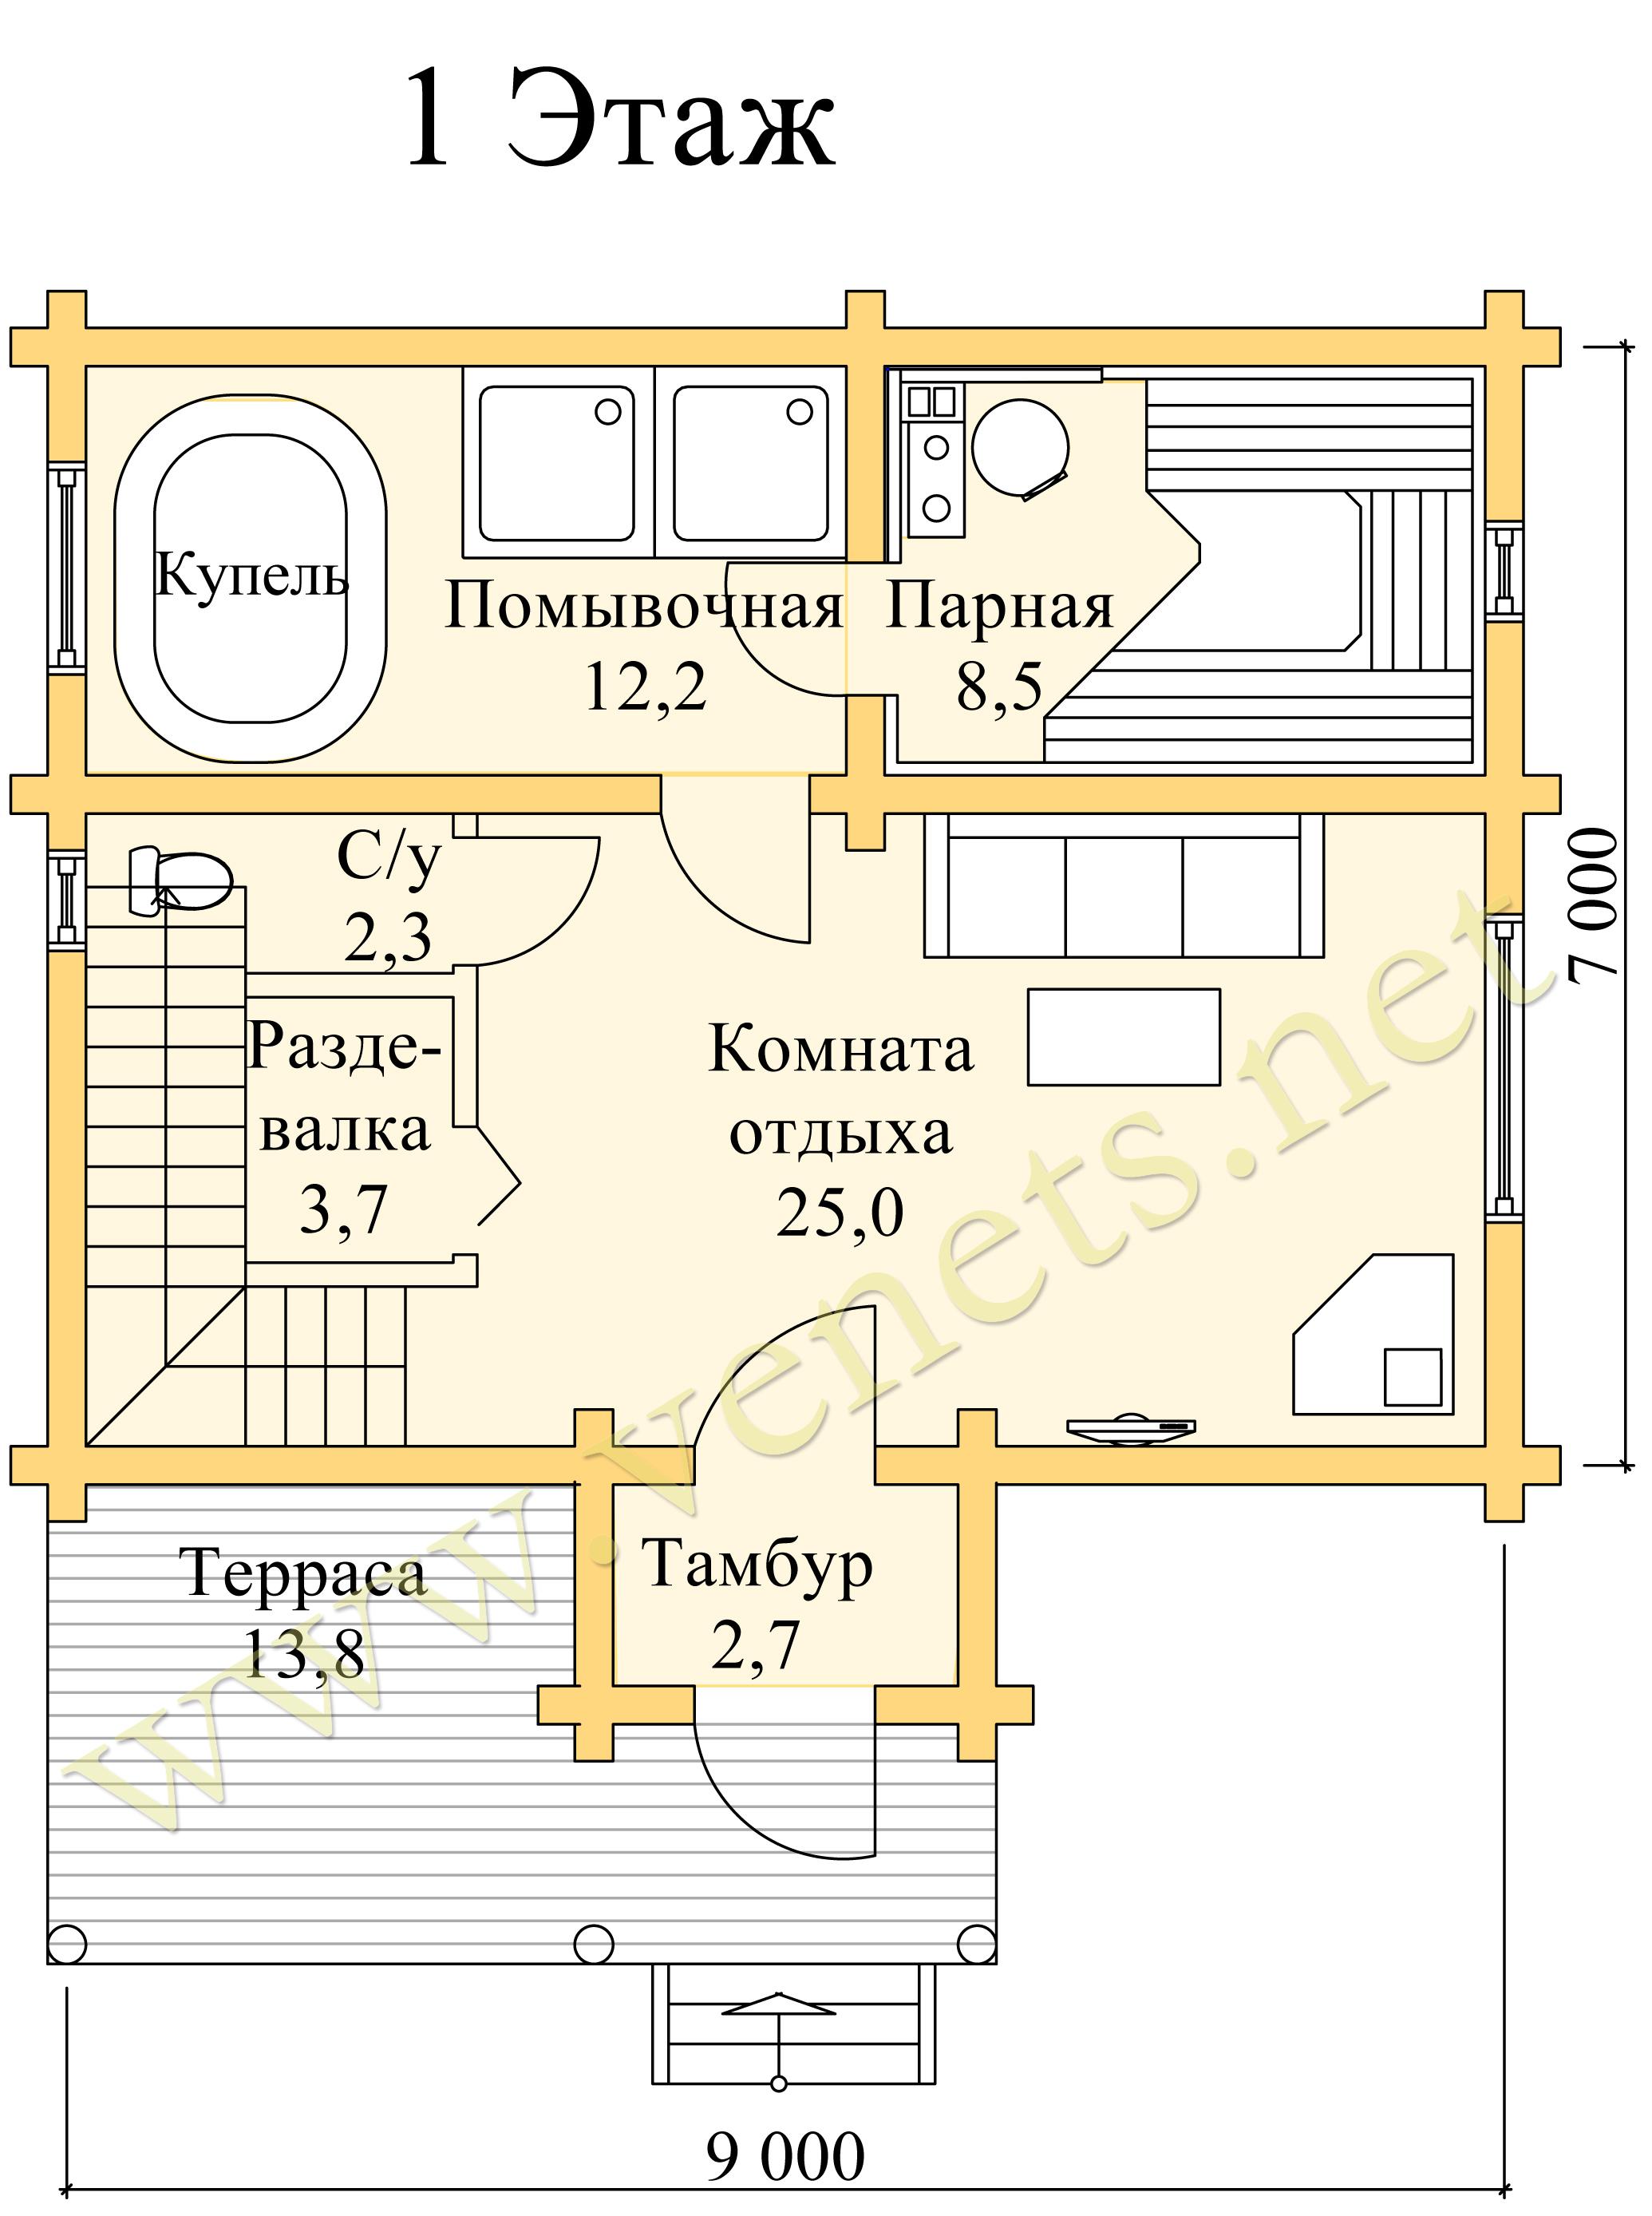 Баня в доме или отдельно - что выбрать?